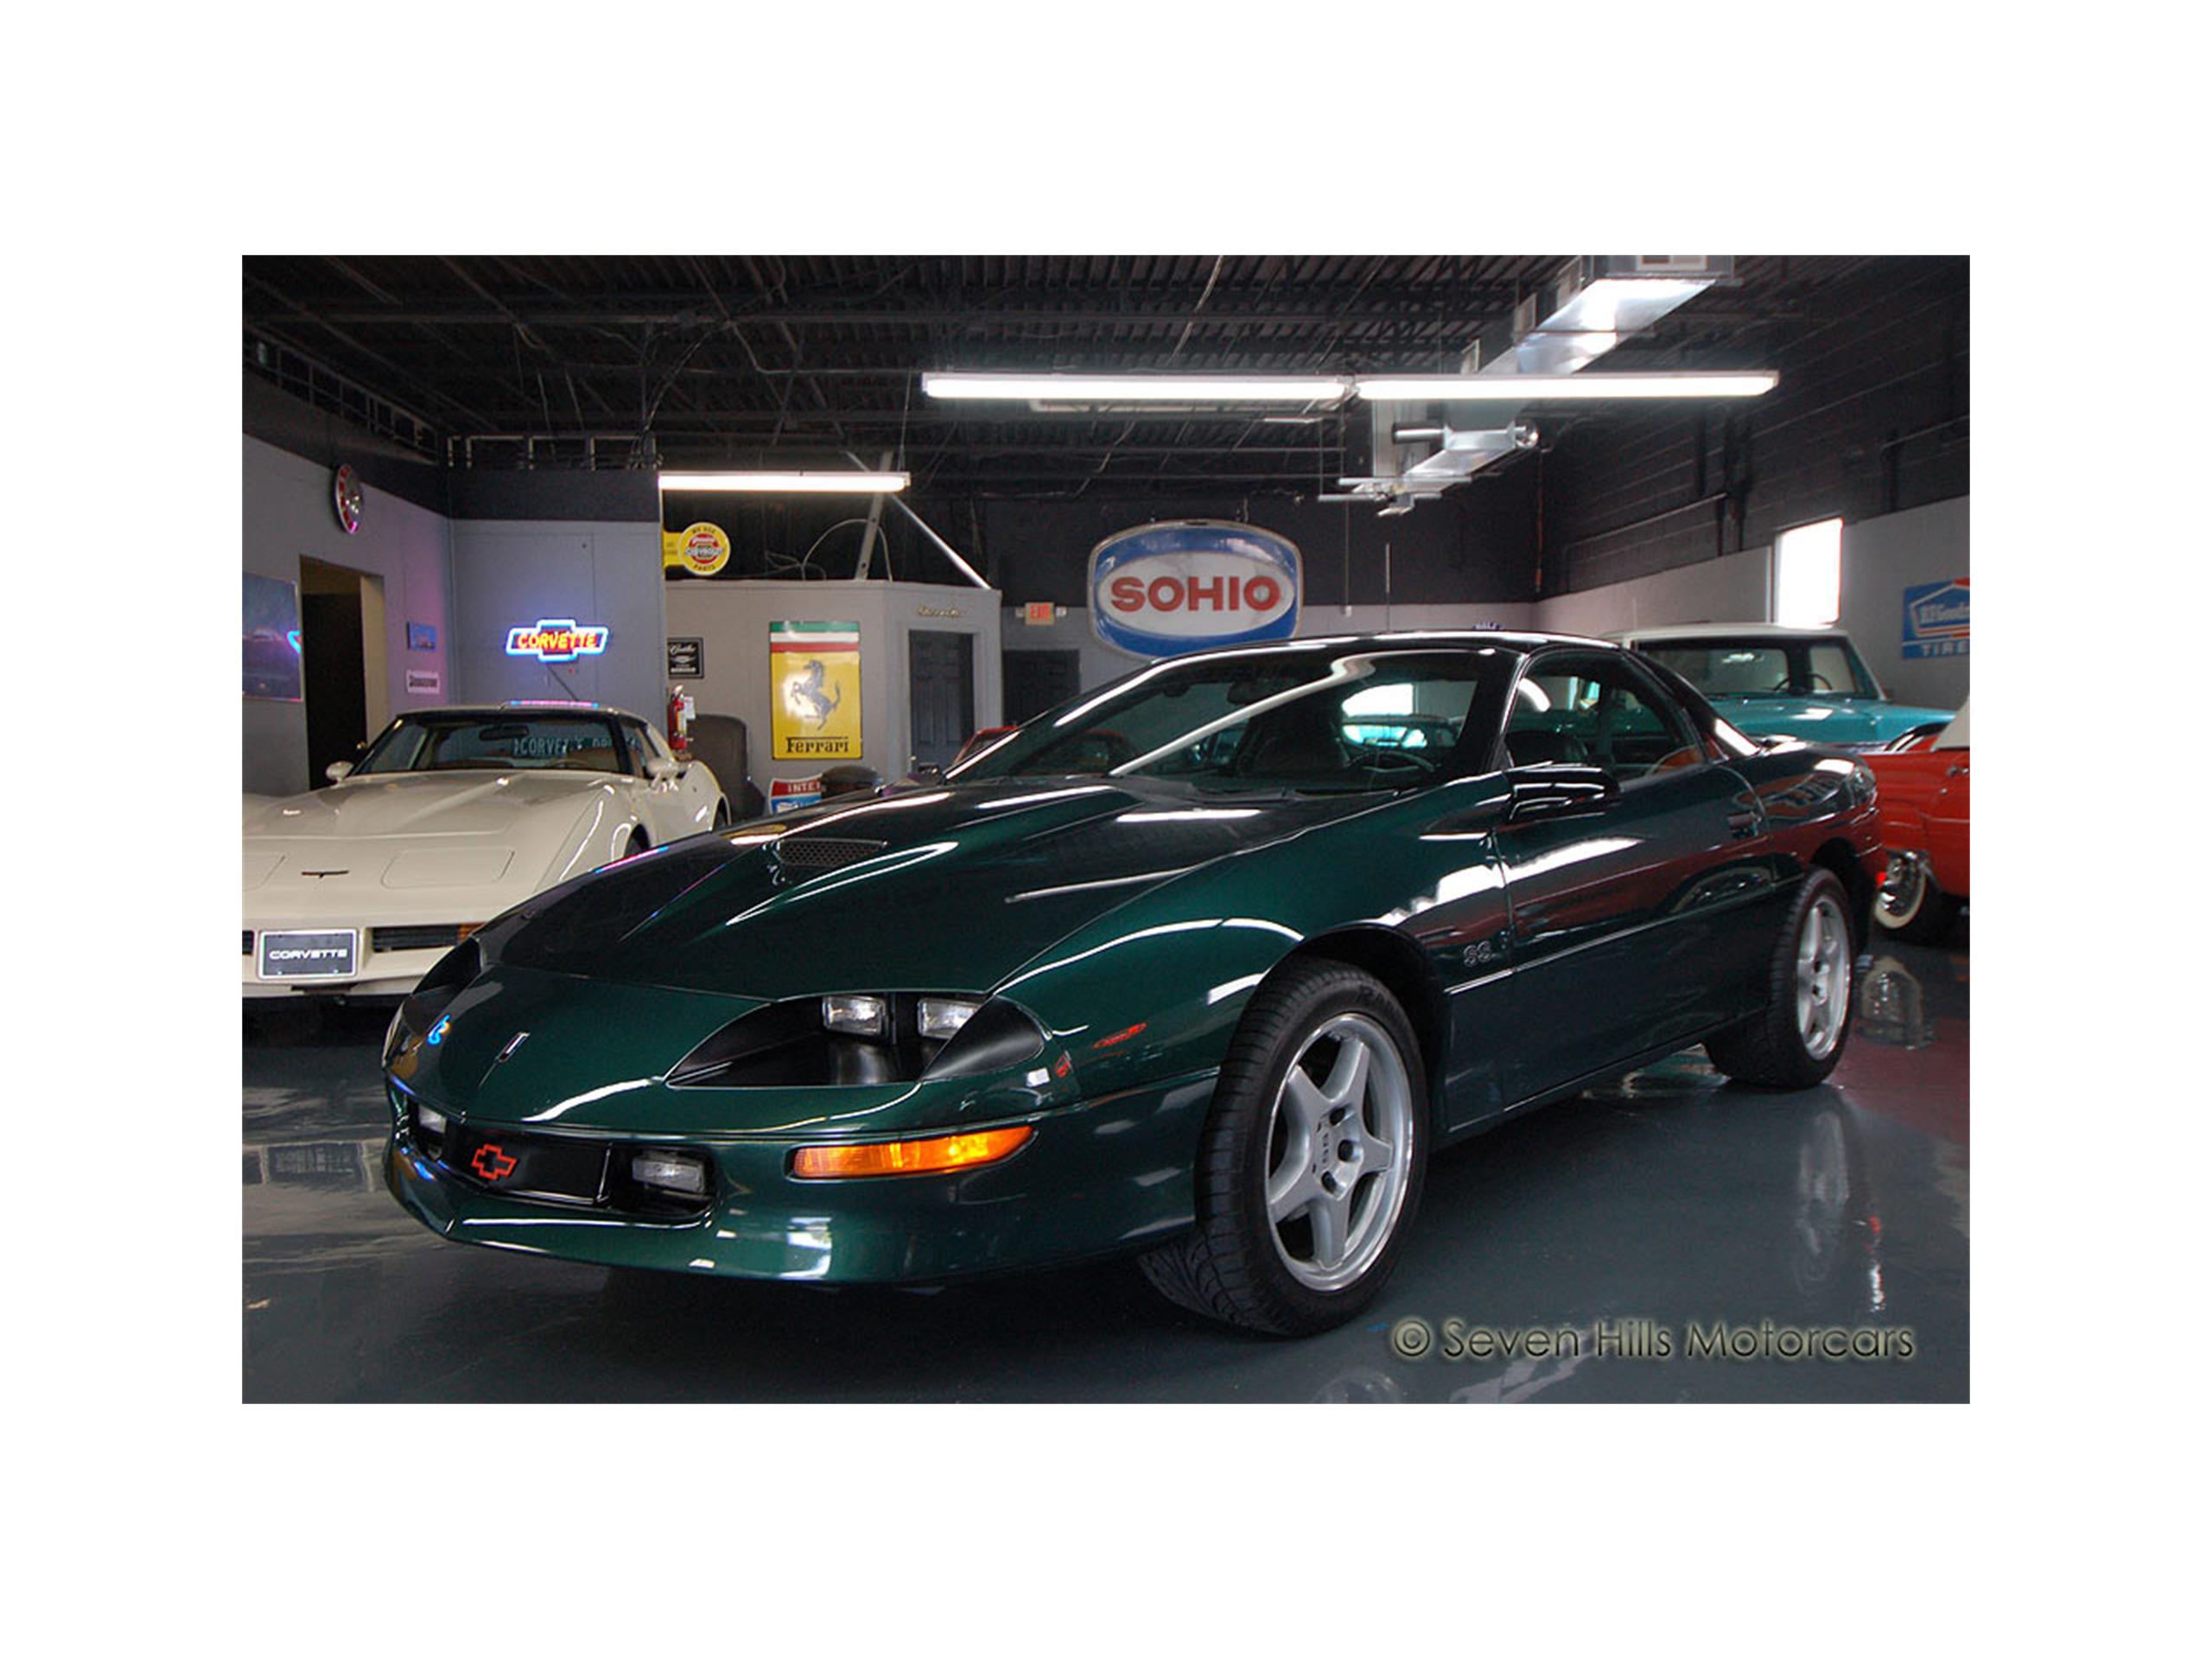 1996 chevrolet camaro ss for sale classiccars com cc 993112 rh classiccars com 1996 camaro owners manual 2020 Chevy Camaro